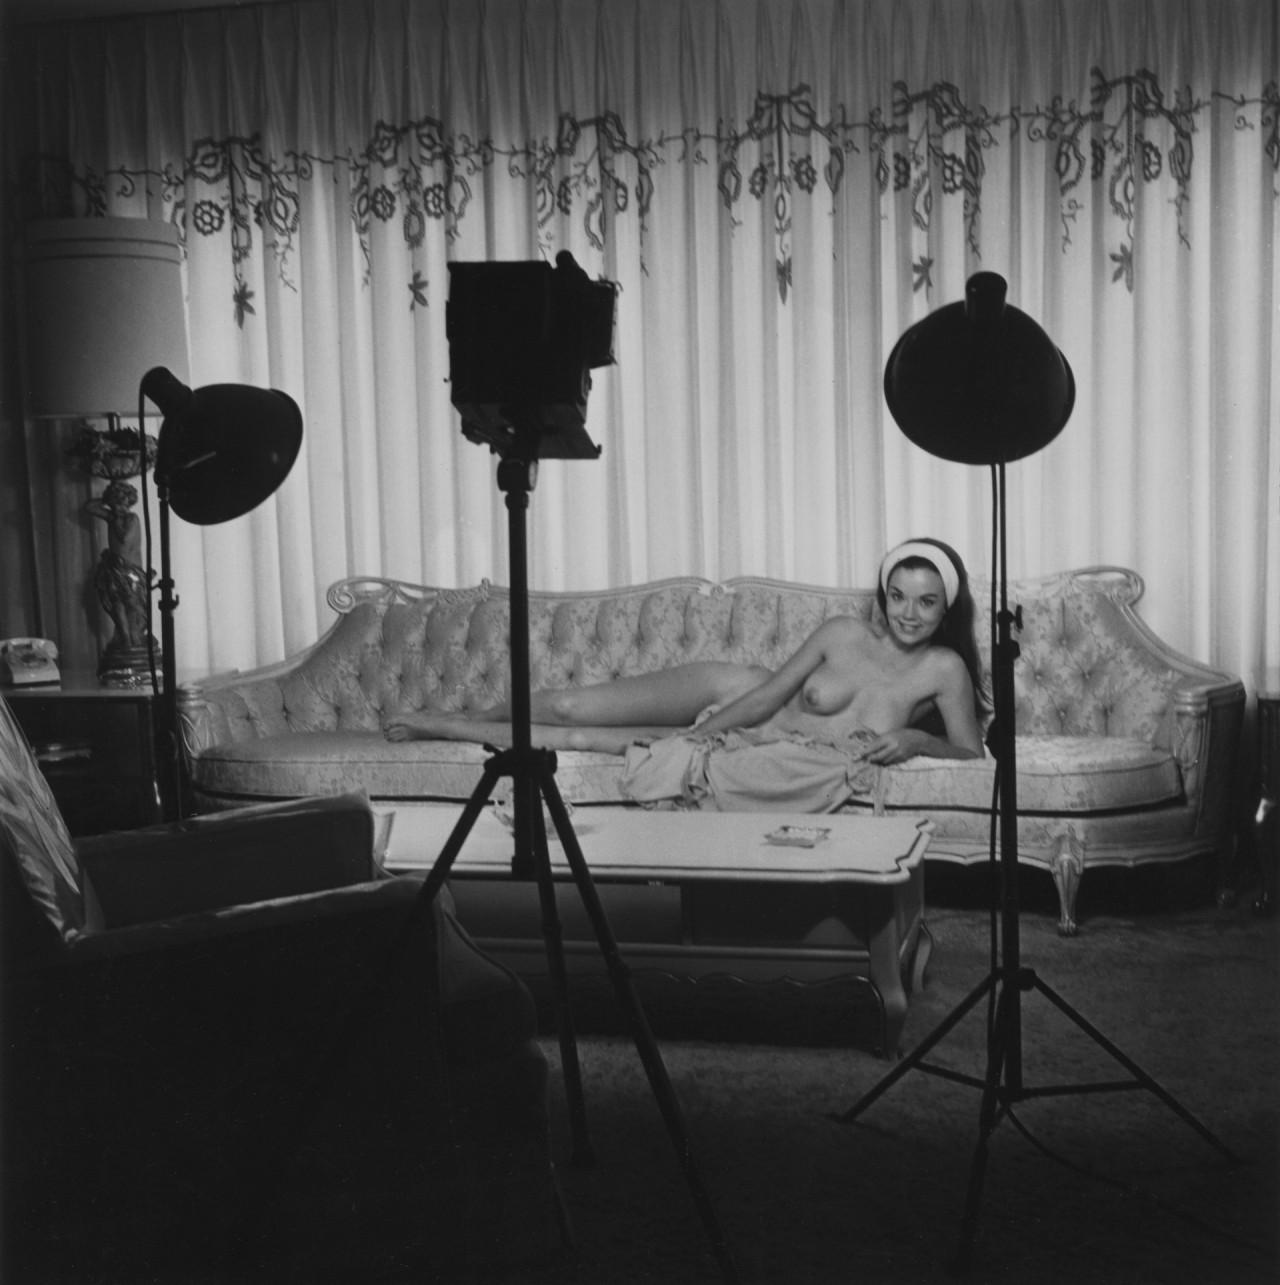 Съёмочная установка, 1950-е. Банни Йеджер